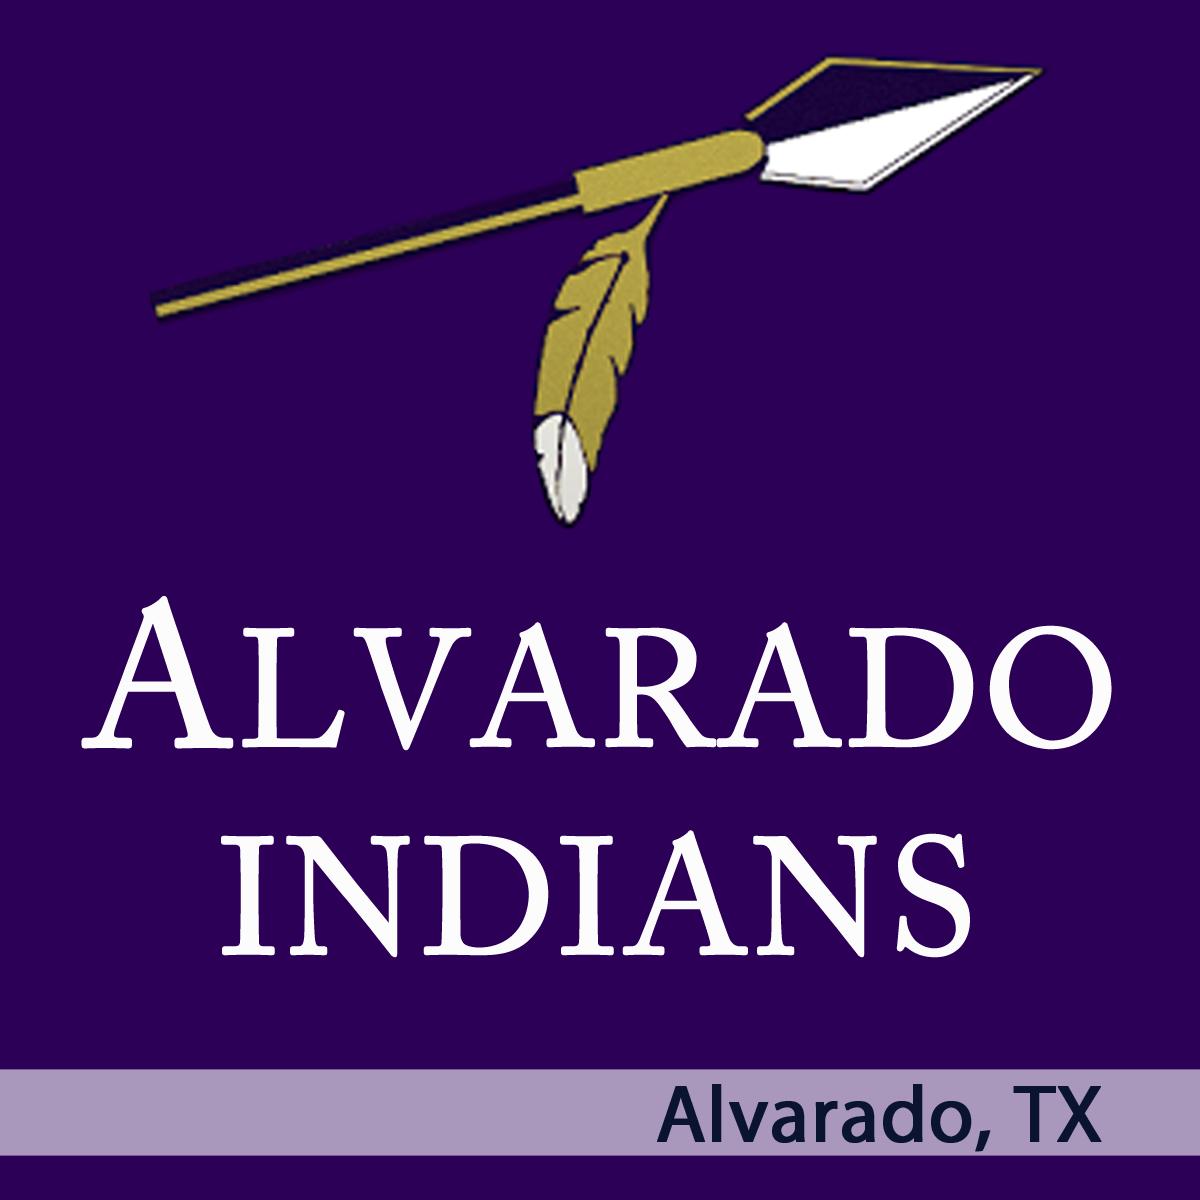 Alvarado, TX